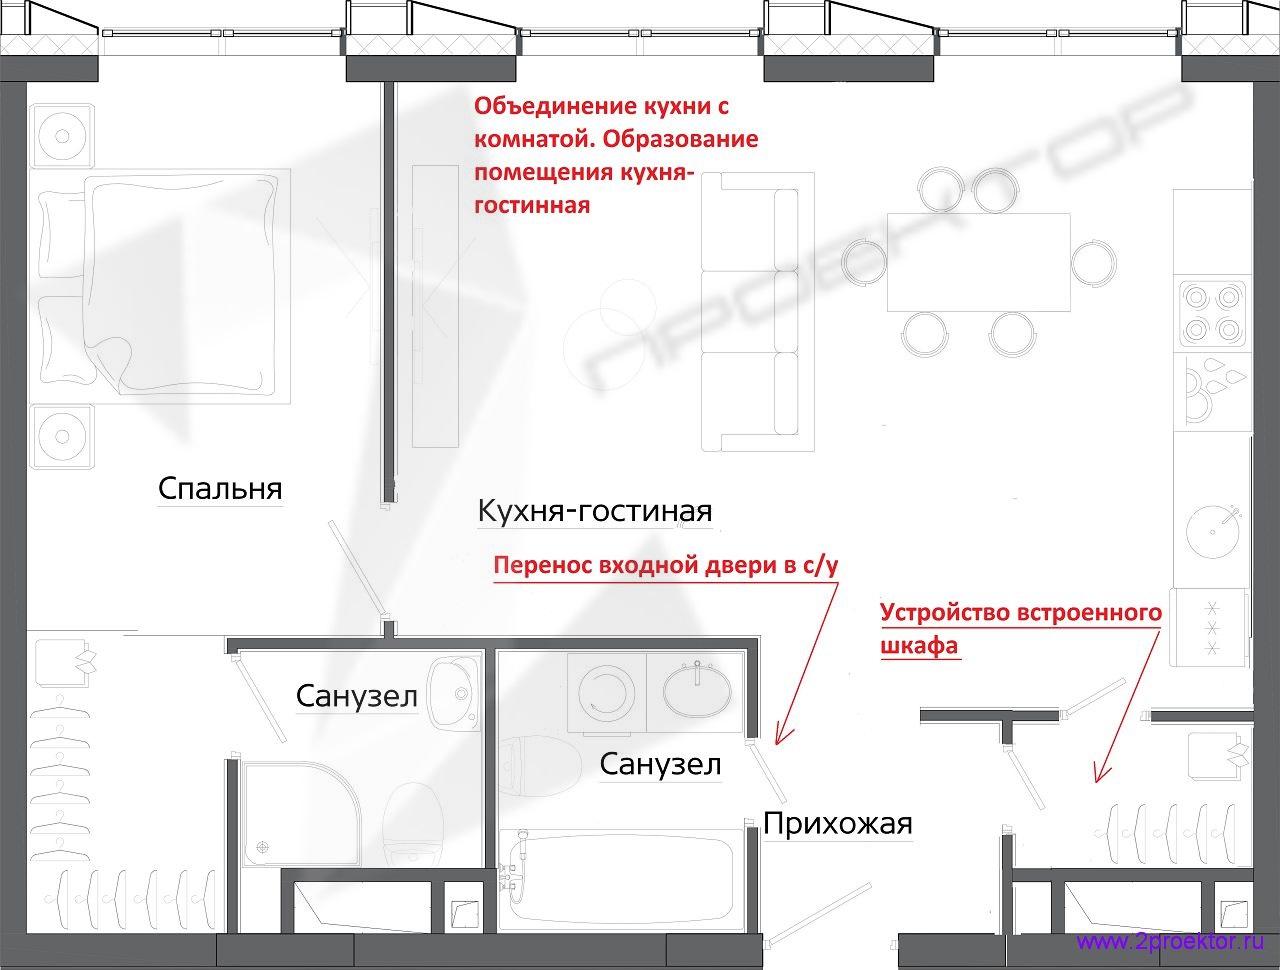 Вариант планировки двухкомнатной квартиры в ЖК «Discovery Park» разработанный специалистами ООО «2Проектор» (перенос входной двери в с/у, устройство встроенного шкафа, объединение кухни с комнатой).